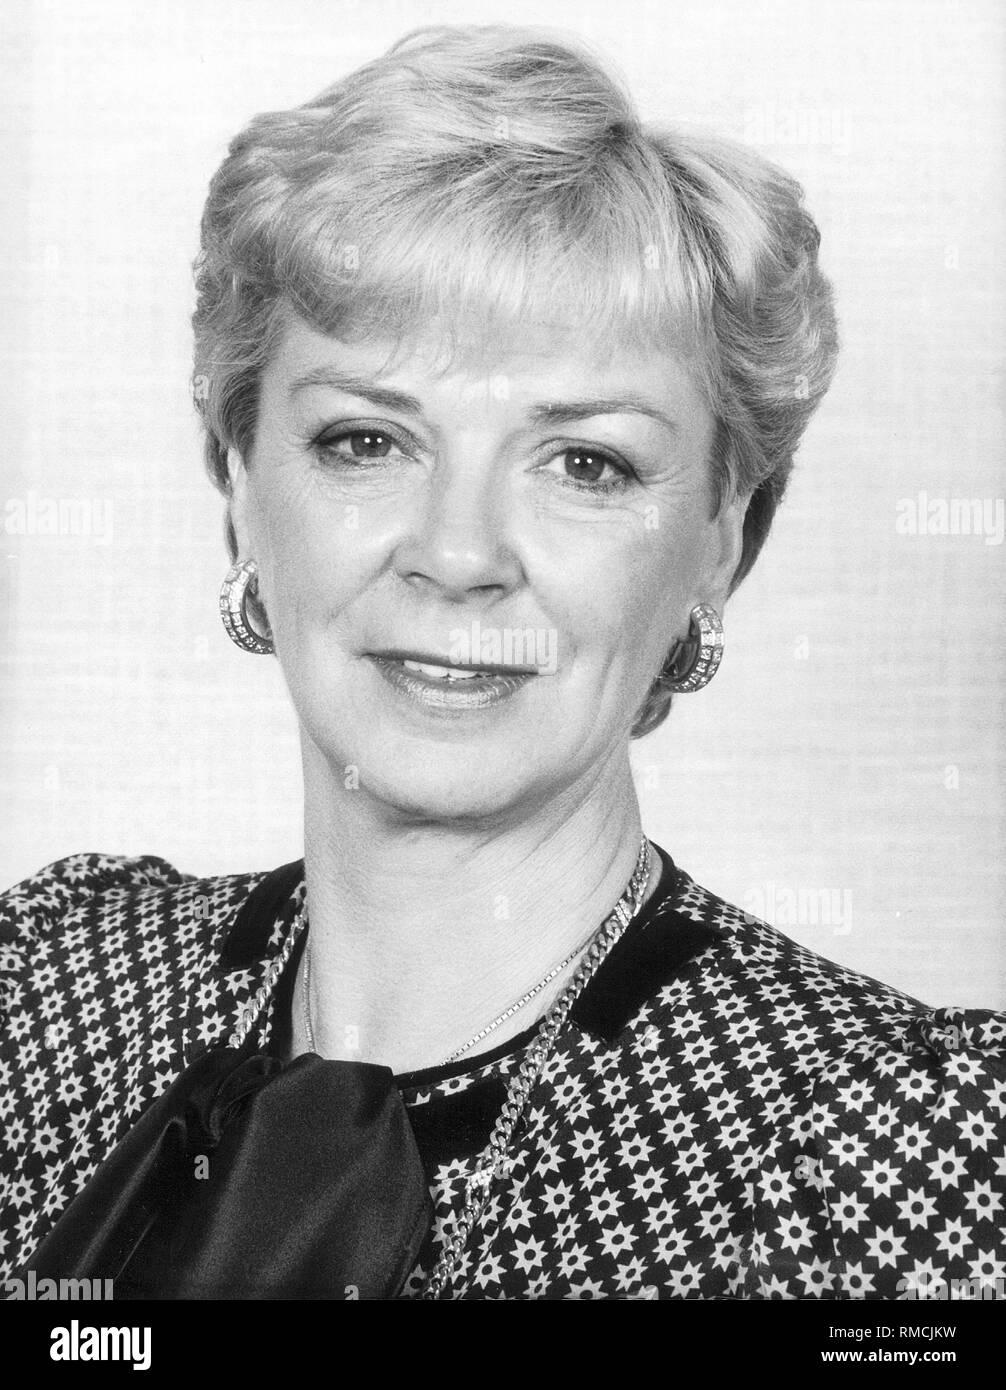 Liz Mohn, wife of Reinhard Mohn, the CEO of Bertelsmann. - Stock Image